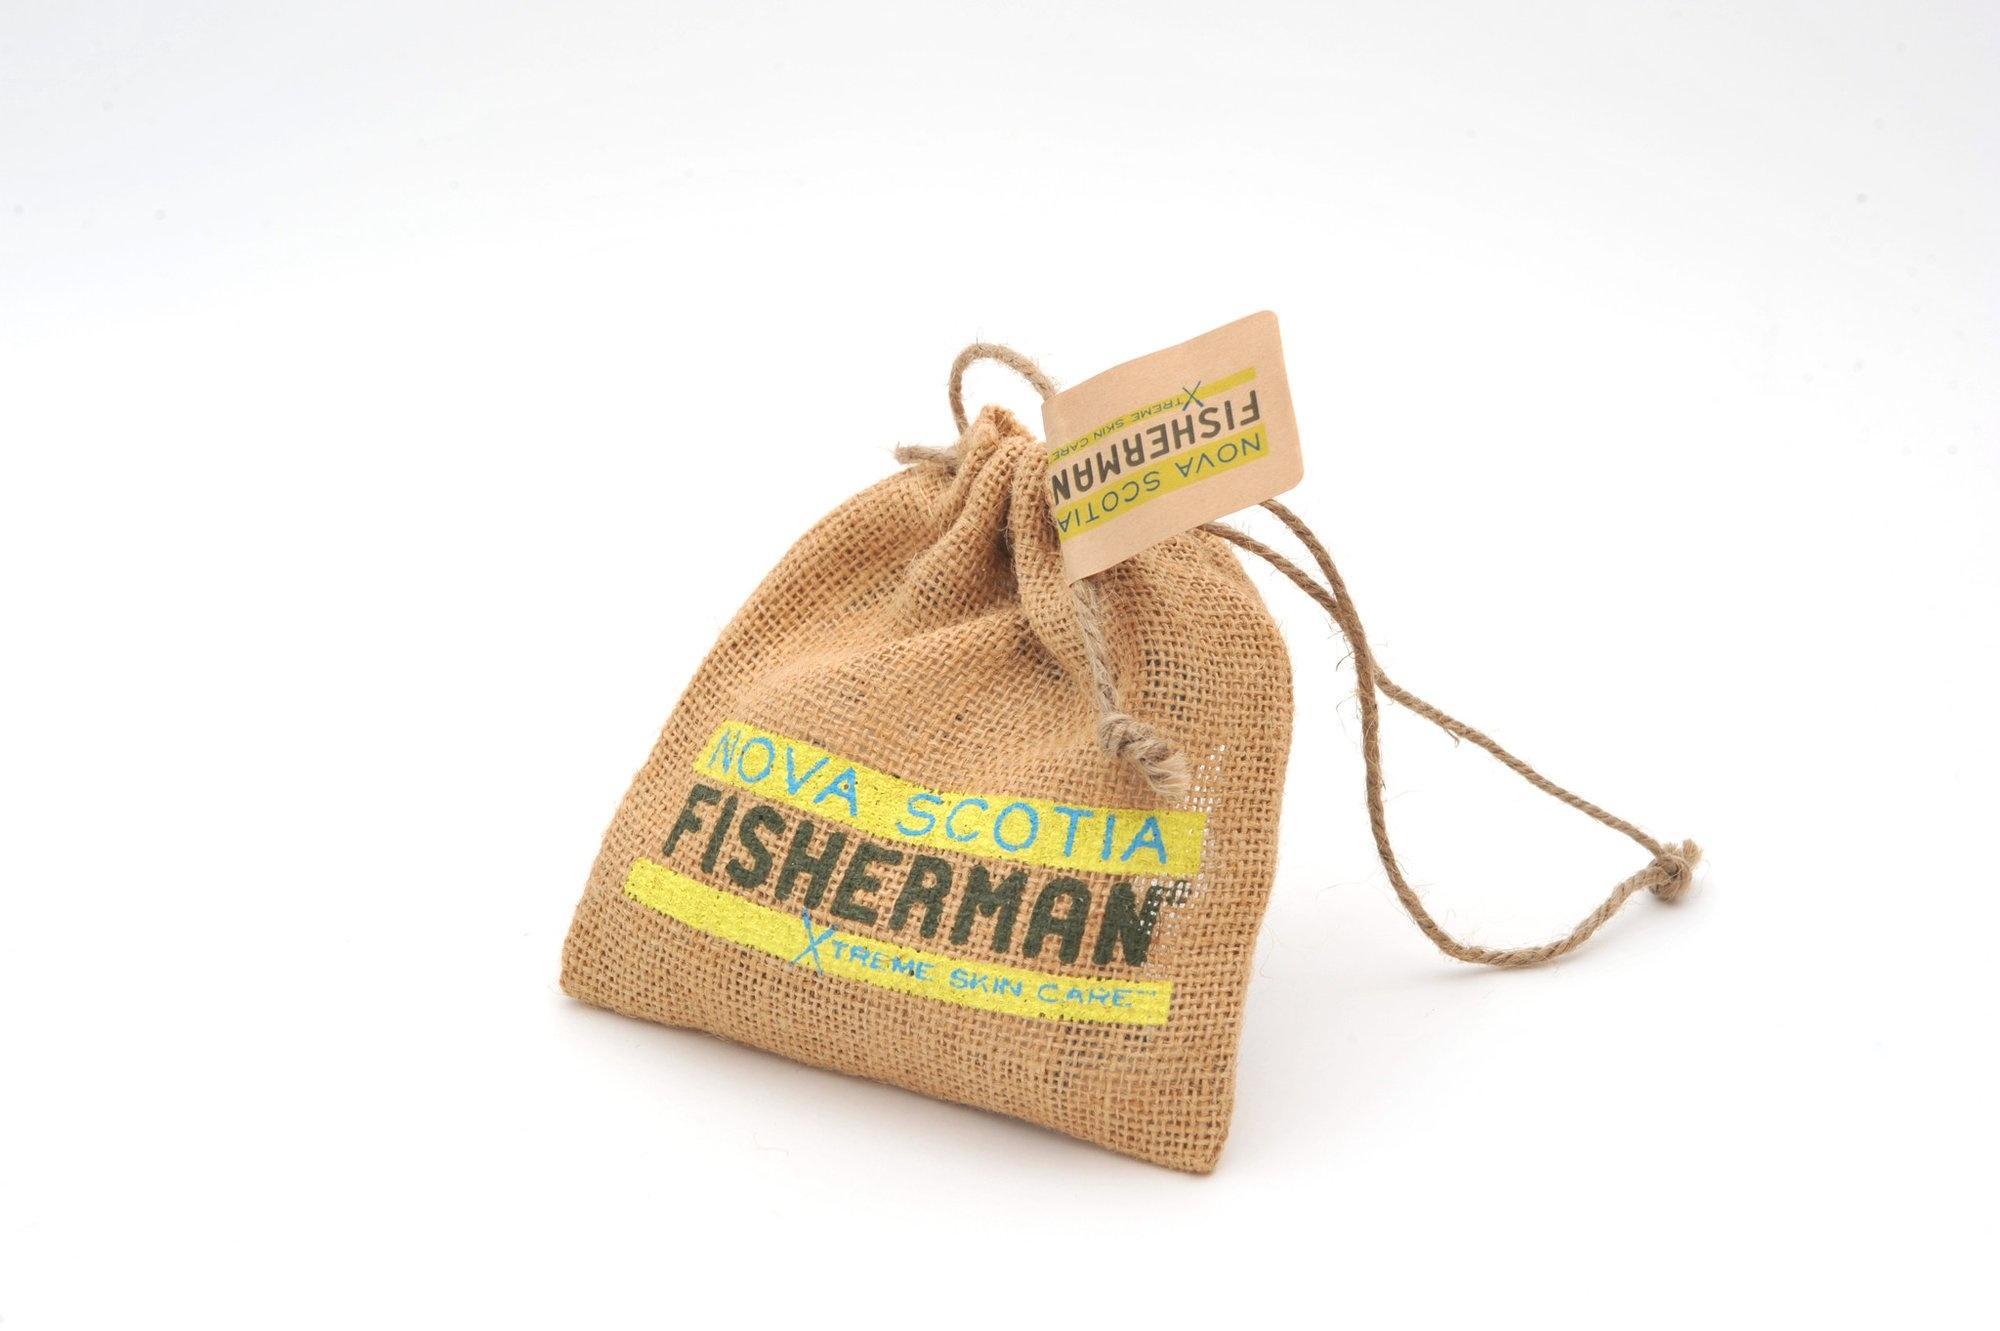 Nova Scotia Fisherman Nova Scotia Fisherman - Stern to Stern Mini Pack